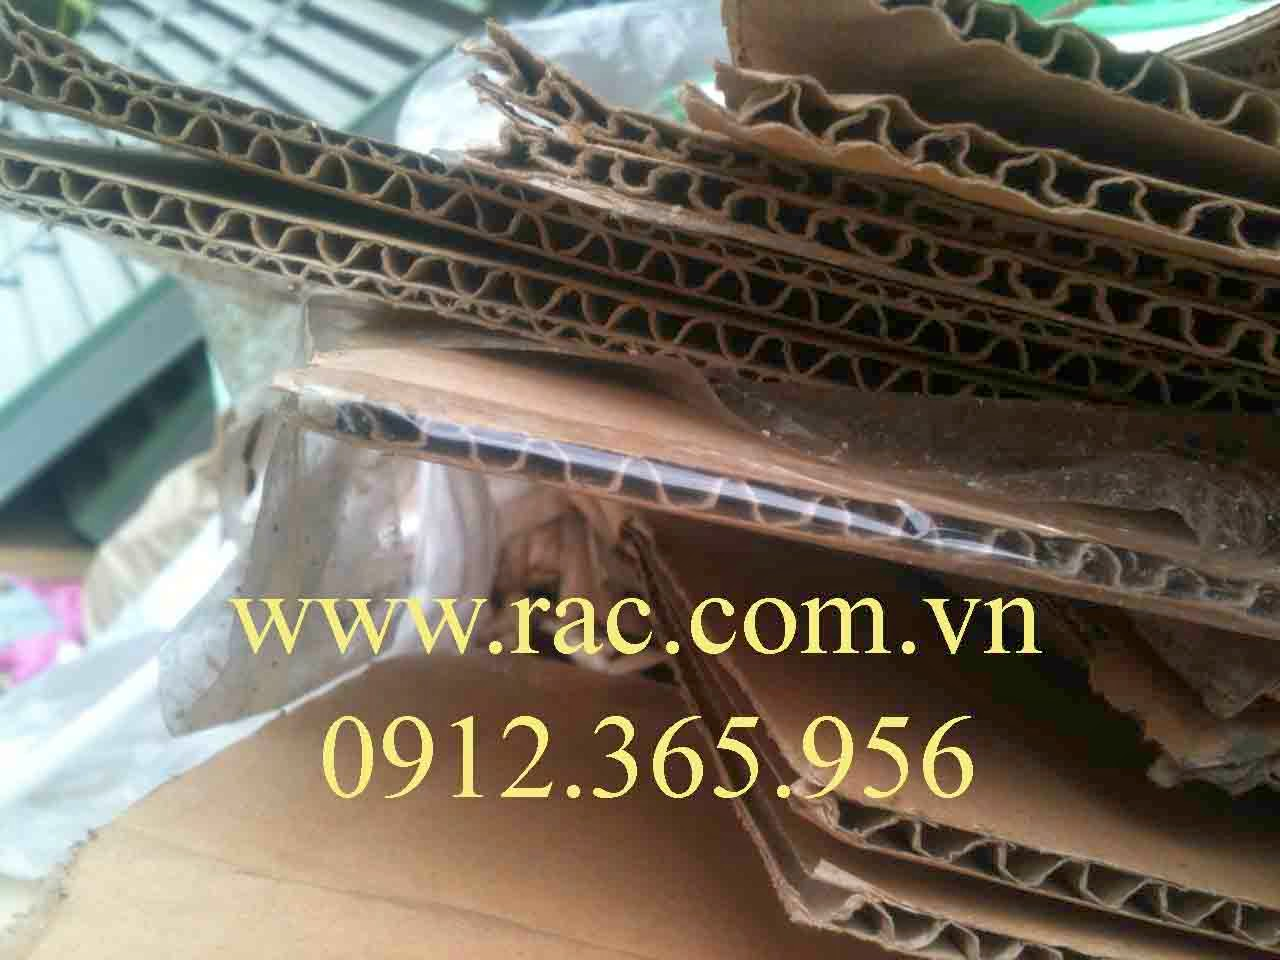 phế phẩm giấy sản xuất